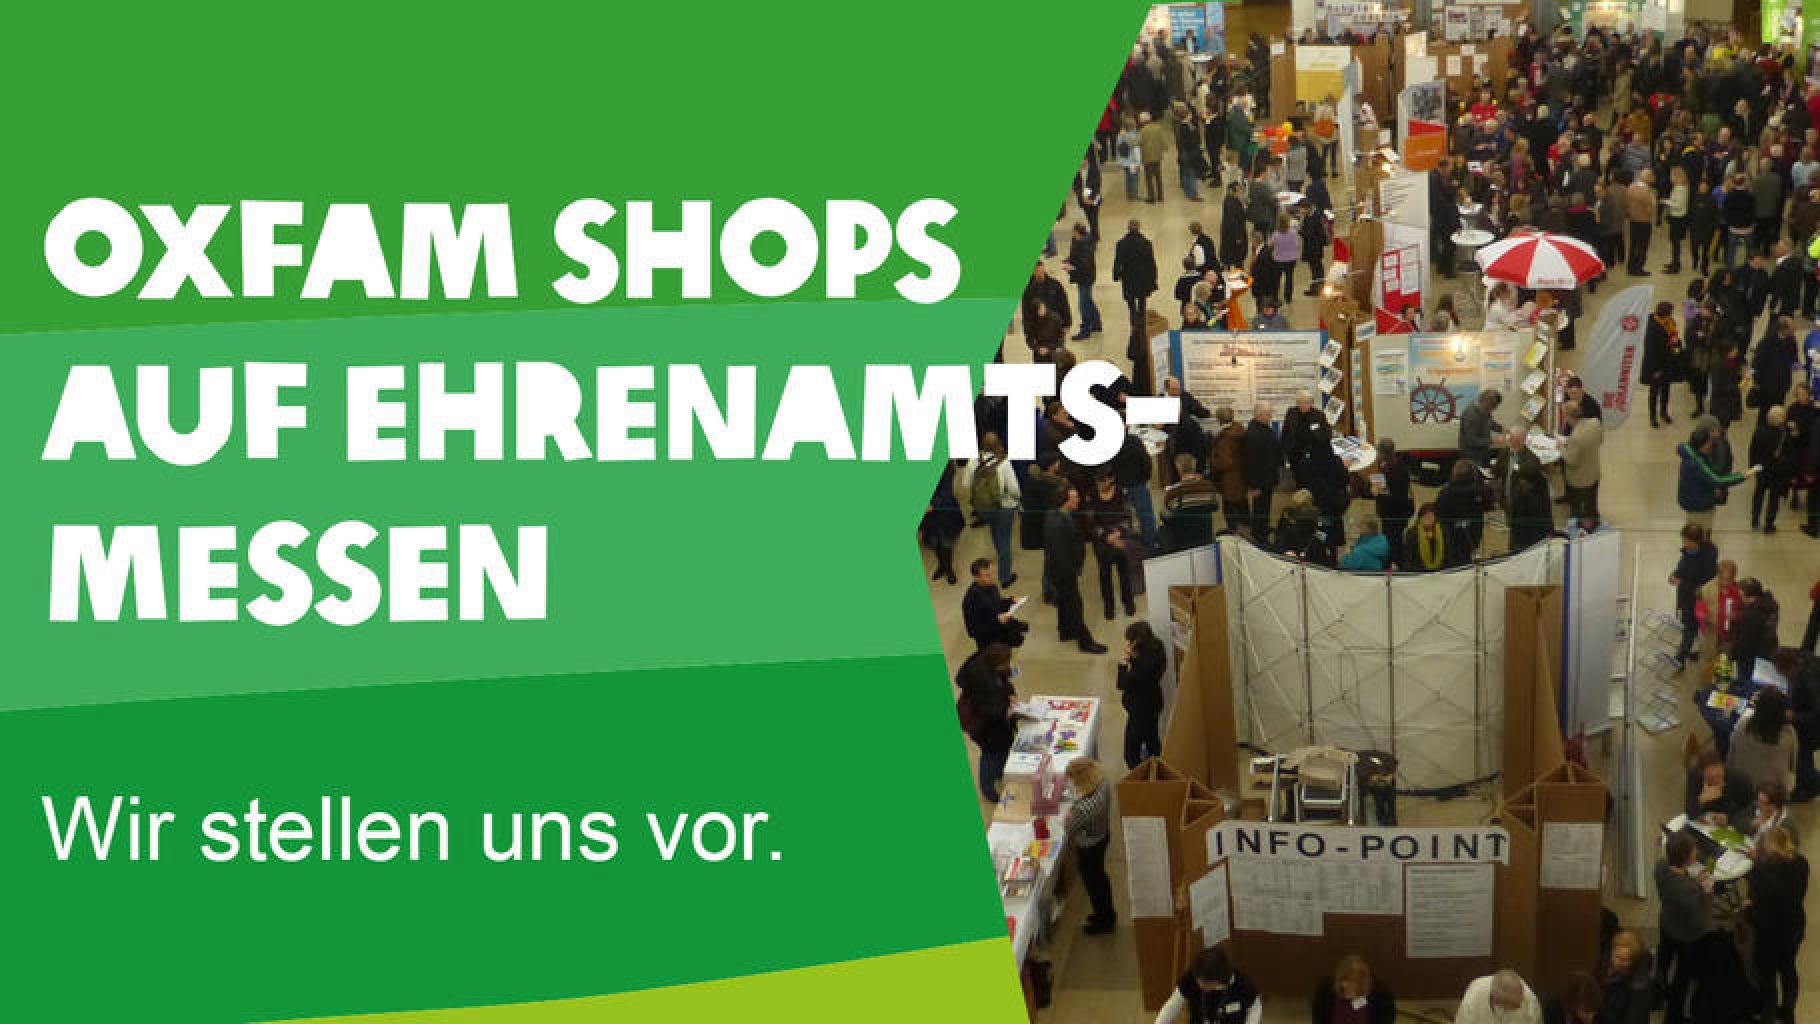 Oxfam Shops auf Ehrenamtsmessen